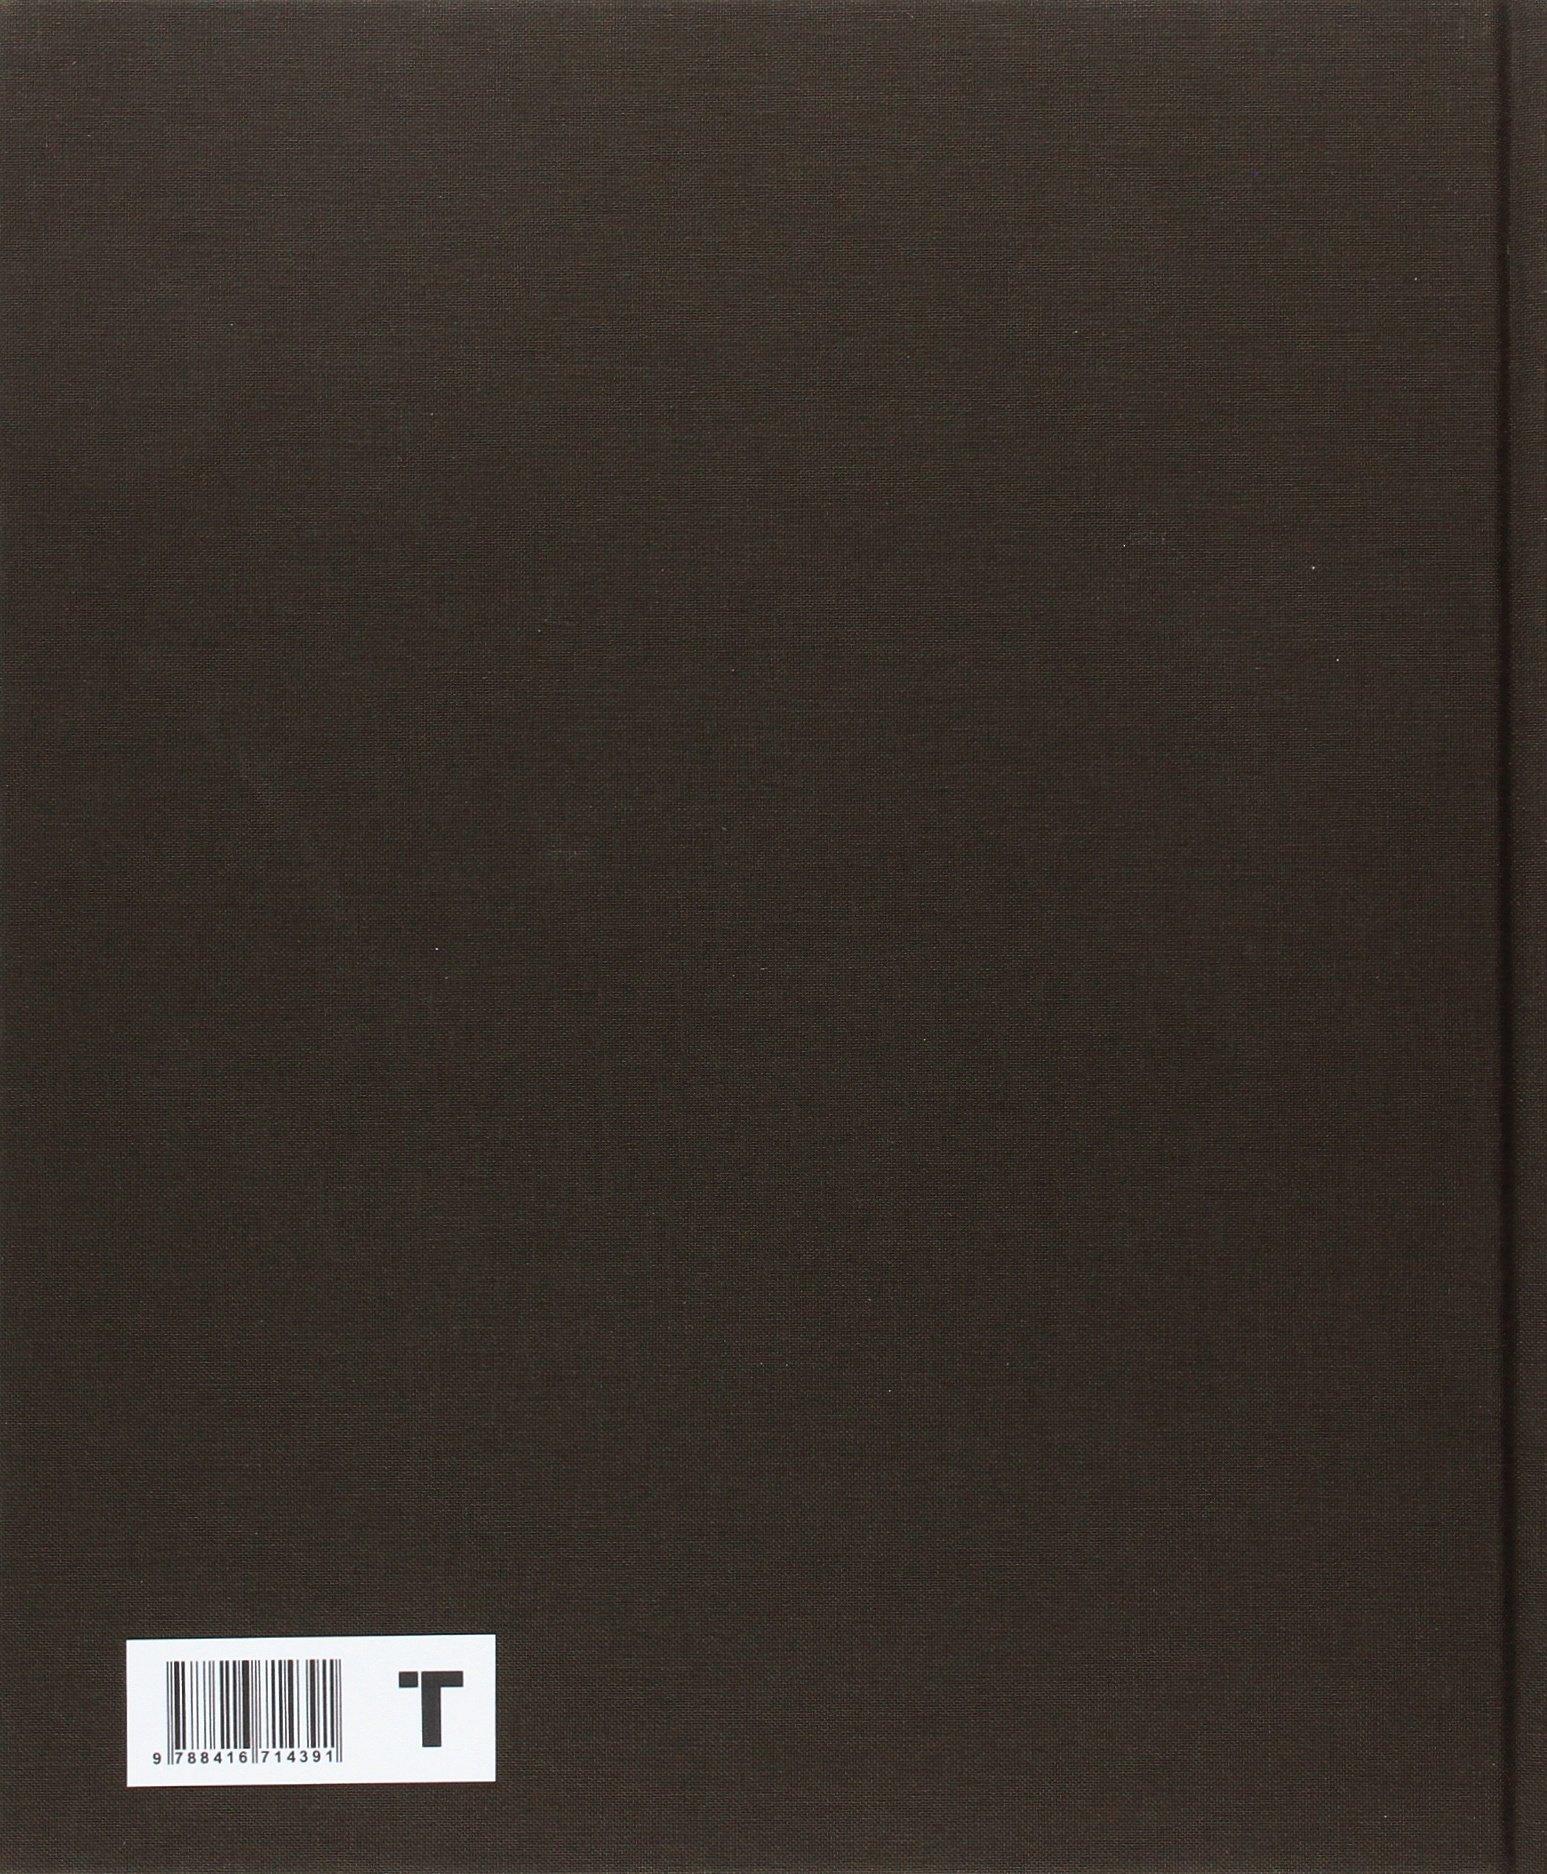 El marqués de Viana y la caza (Arte y Fotografía): Amazon.es: Juan García-Carranza Benjumea, Eduardo Figueroa y Alonso-Martínez: Libros